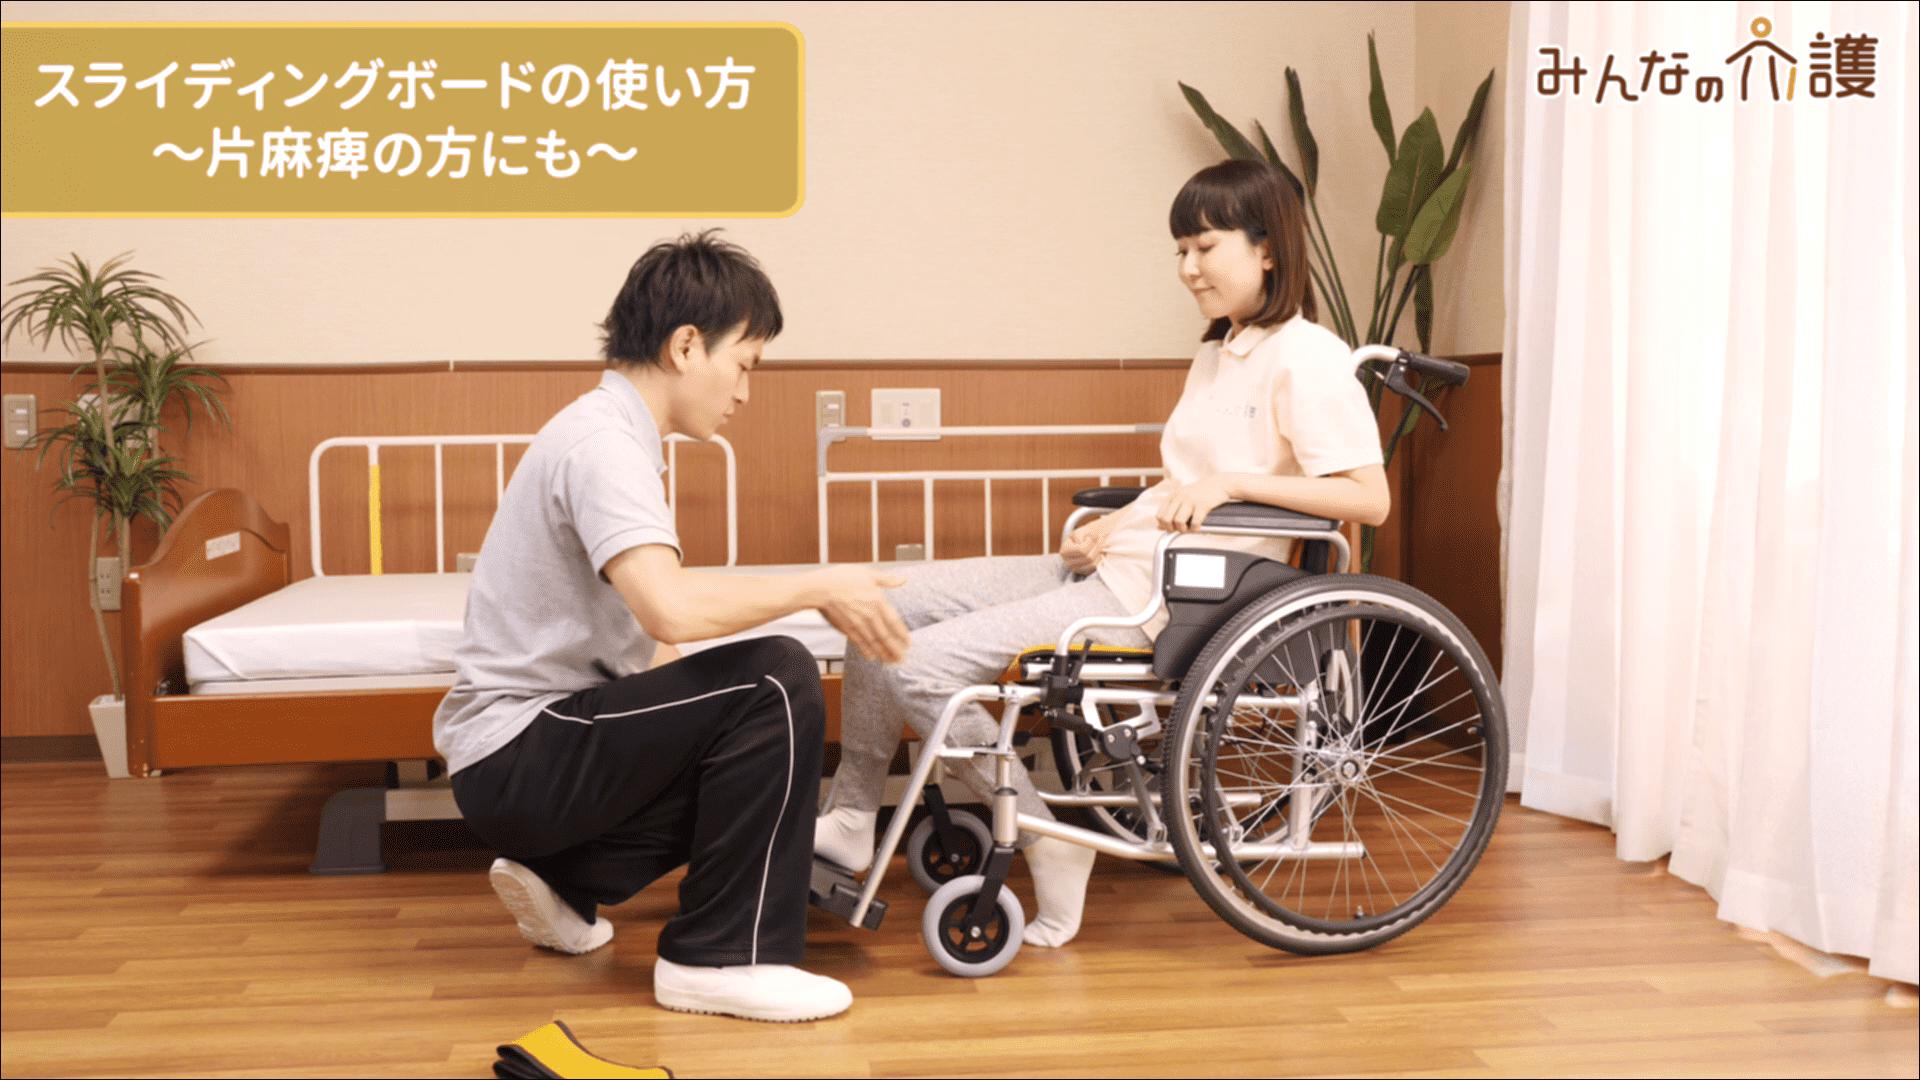 車椅子の状態を元に戻すイメージ